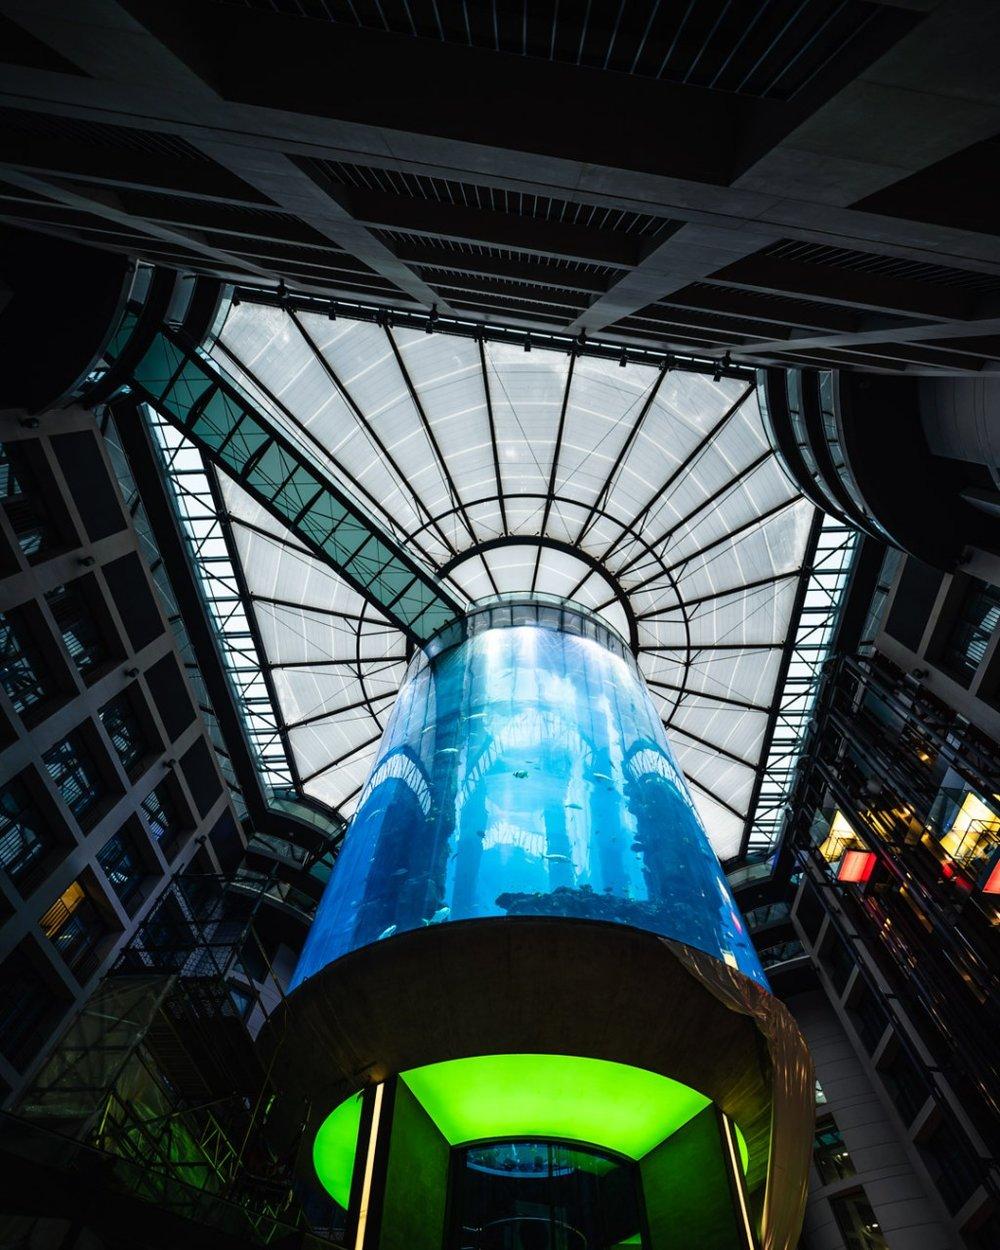 Indoor Aquarium at Radisson Blu Hotel